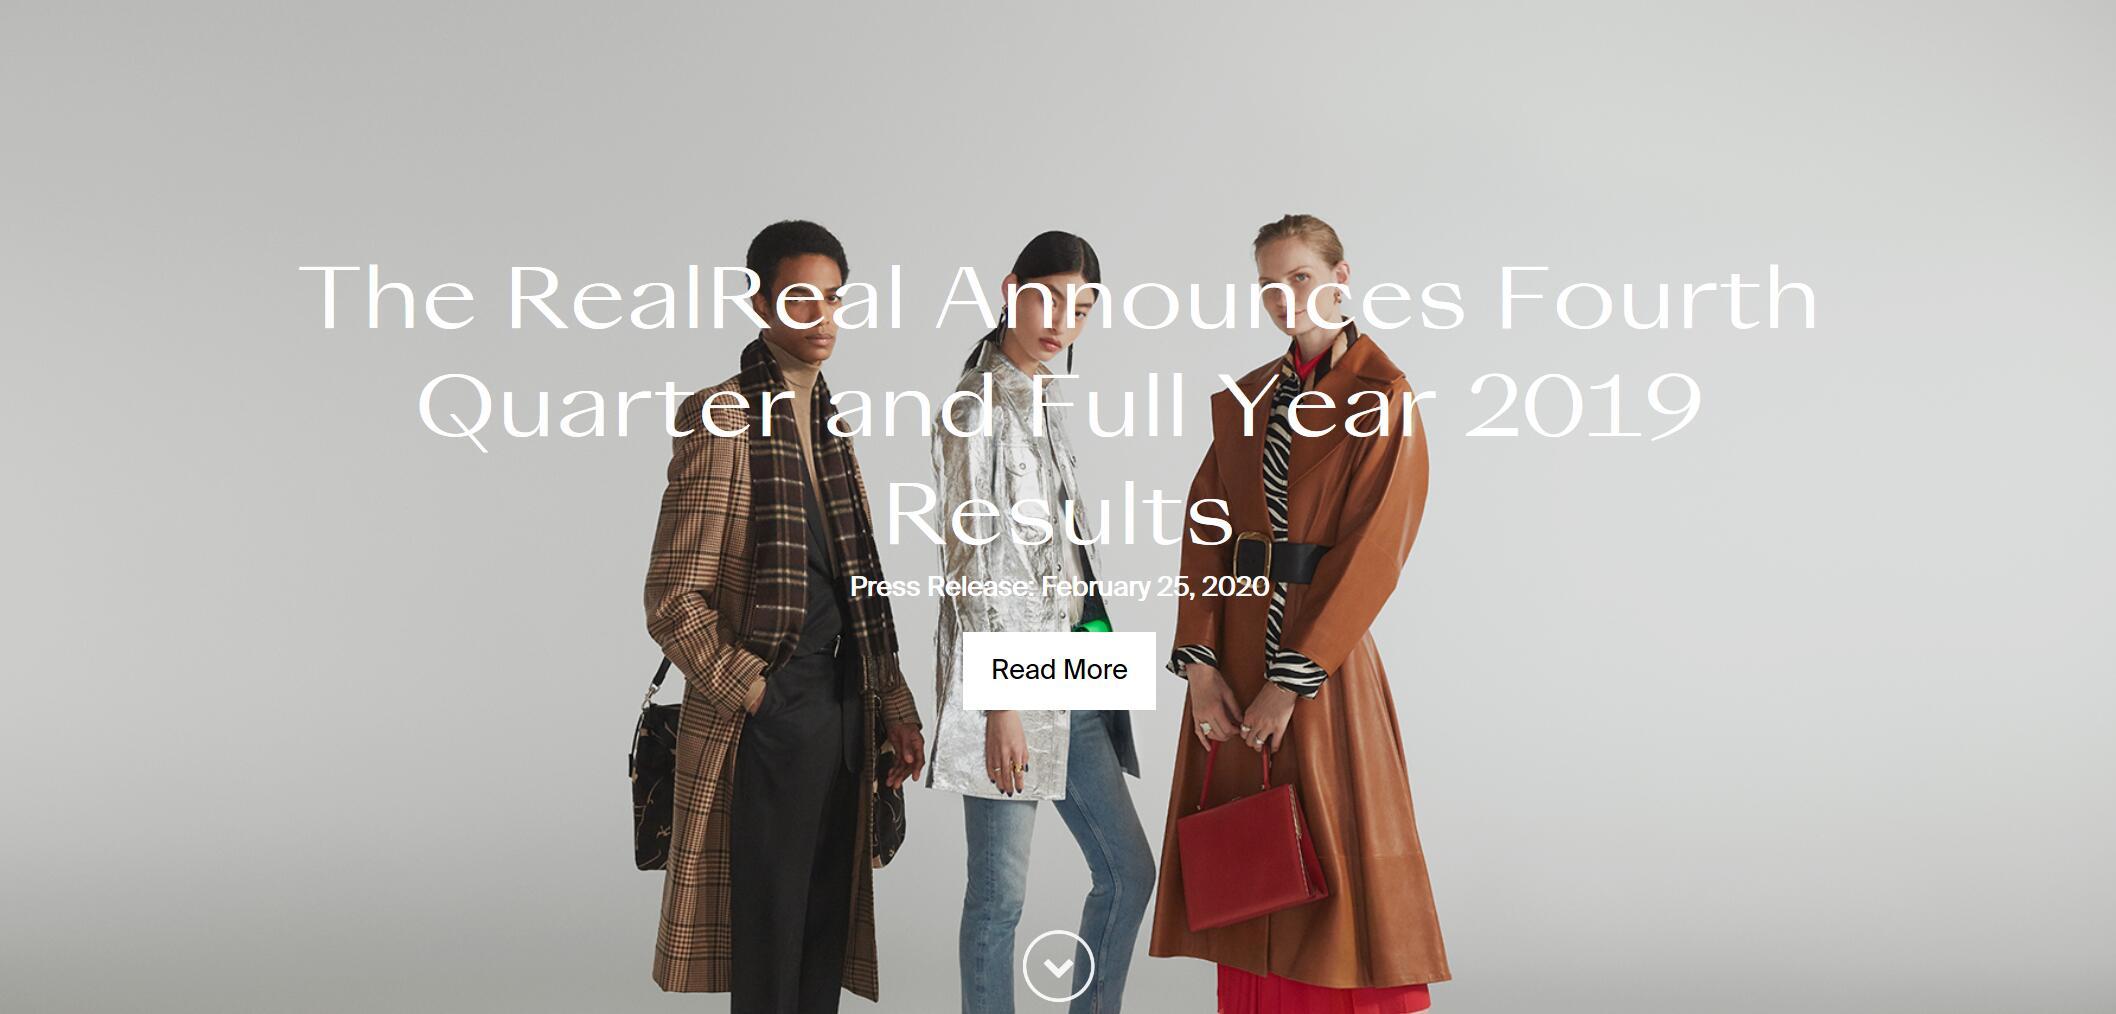 法国服装销售连续11年下降,中档品牌受冲击最大